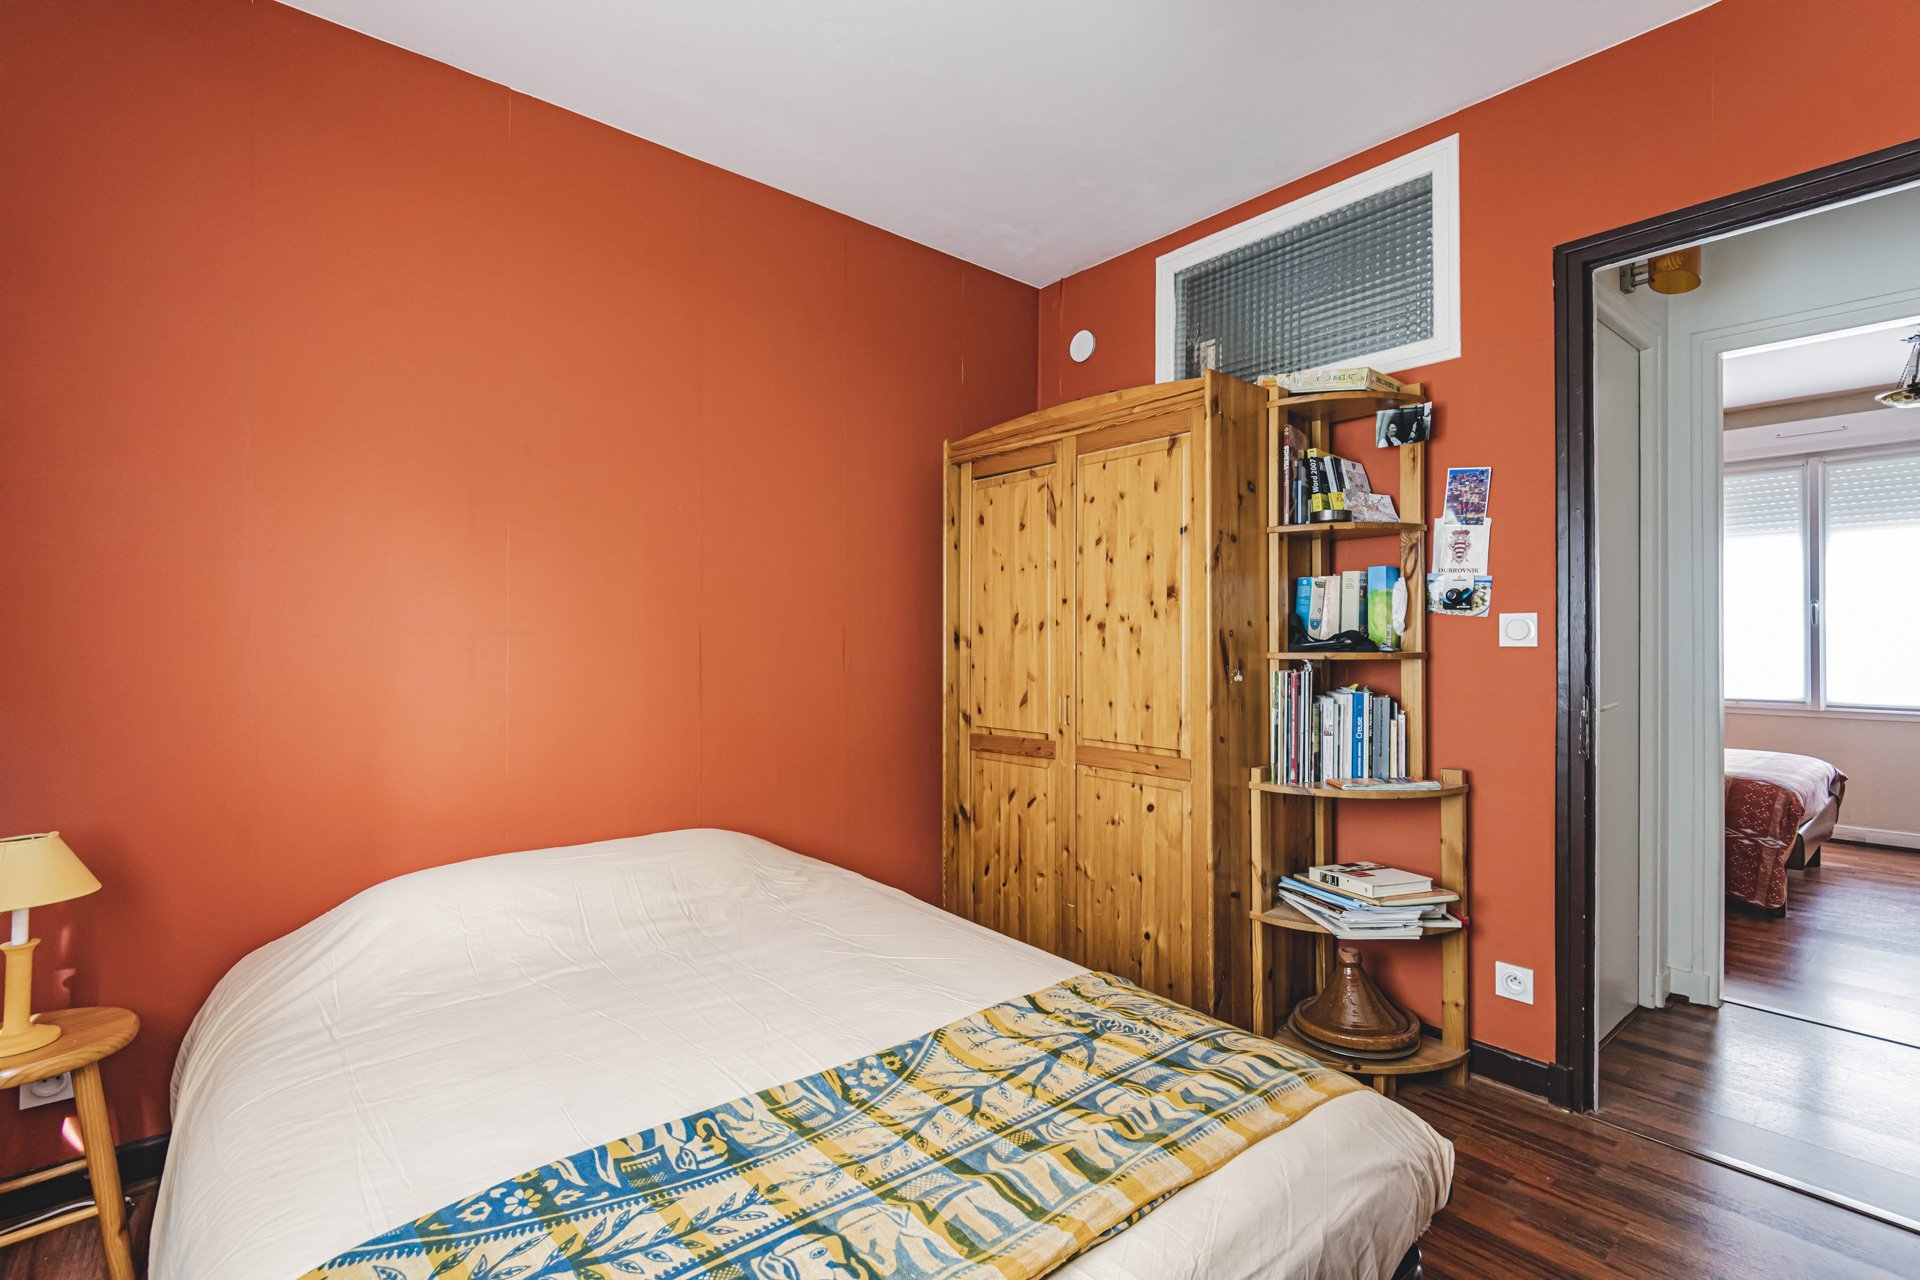 Maison Reims 5 Pièces 112 m2 - 6